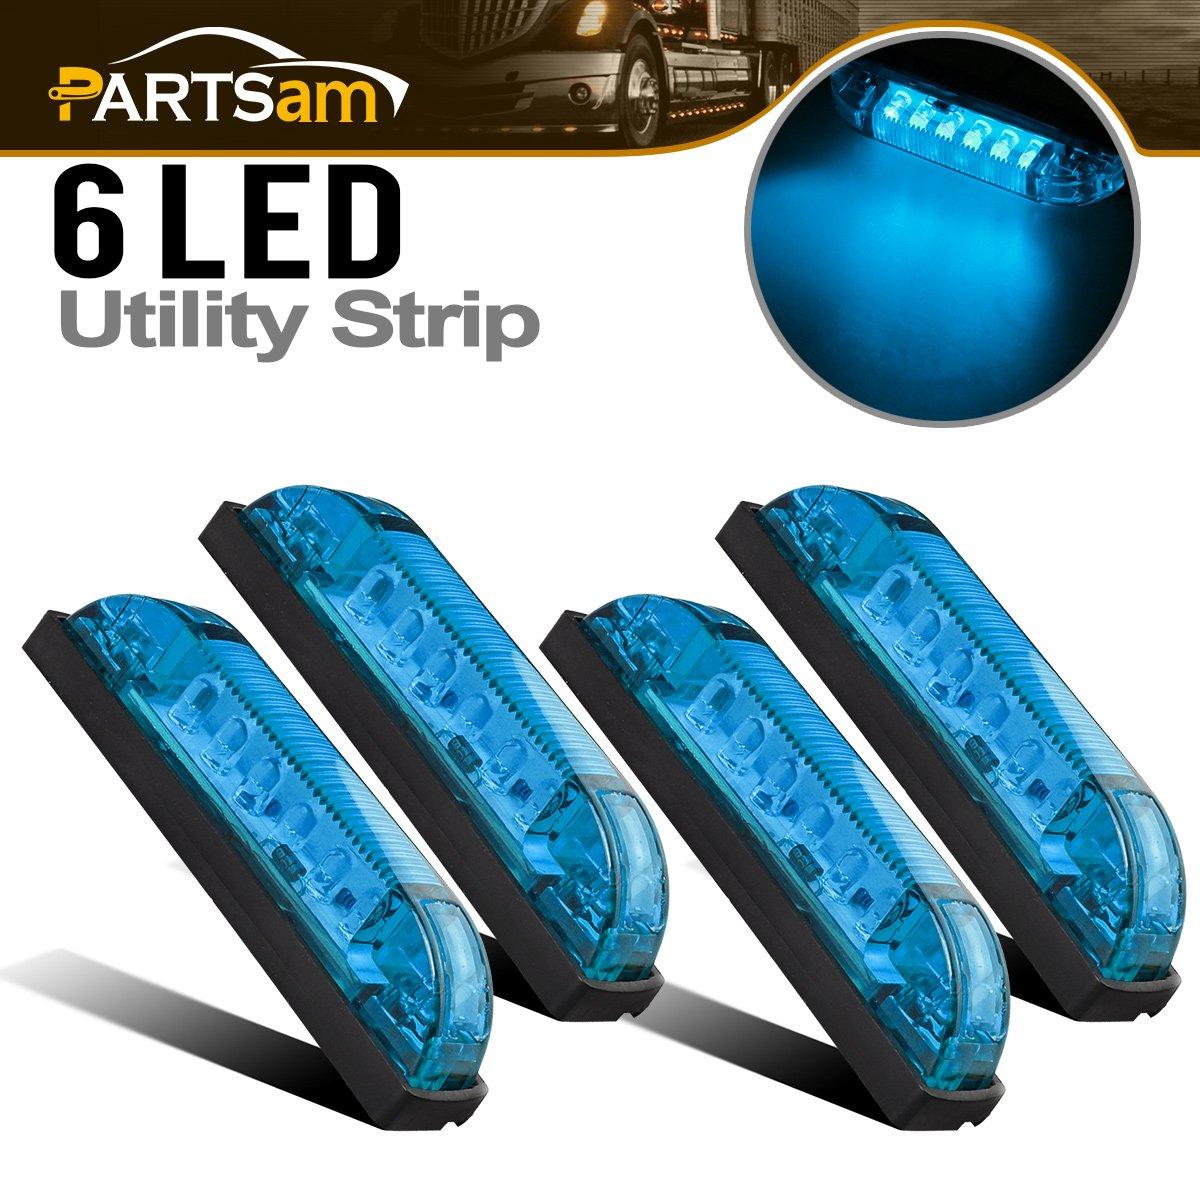 Boat Marine Lighting Parts Partsam 4X Blue 4 Led Marker Lights Slim Line LED Utility Strip Bar 6 Diodes Multi Use